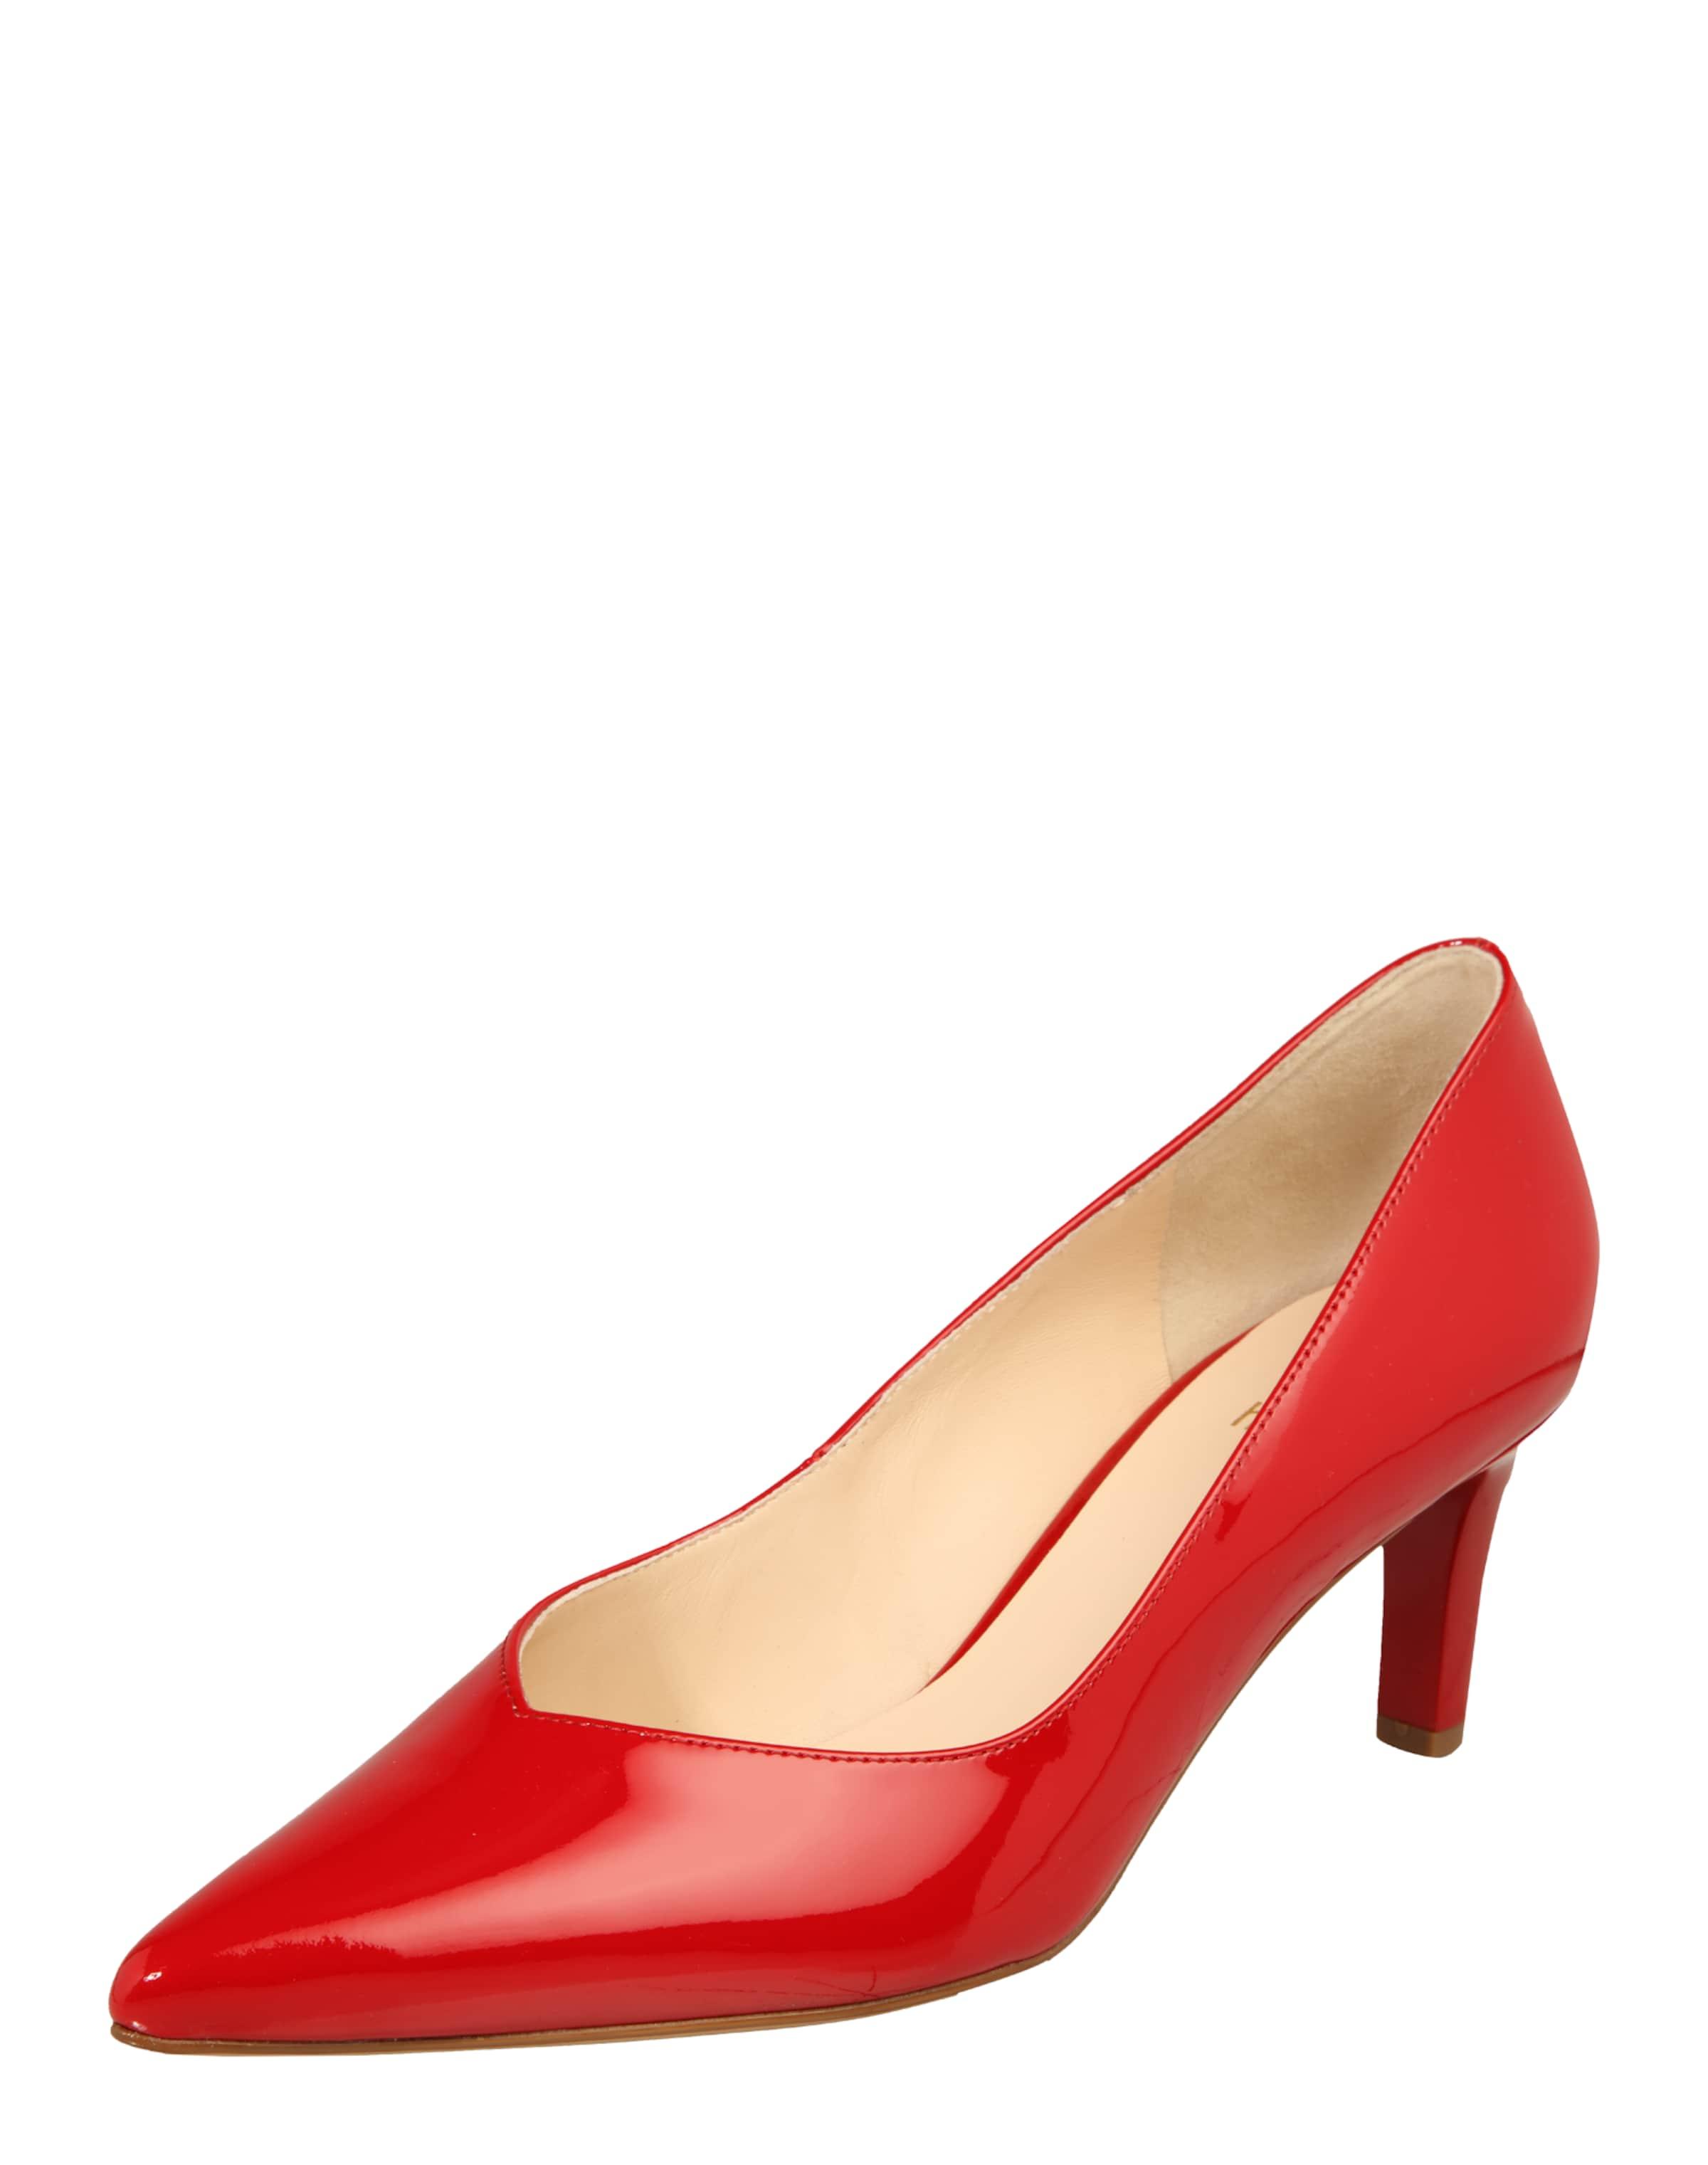 Högl Pumps Essential Verschleißfeste billige Schuhe